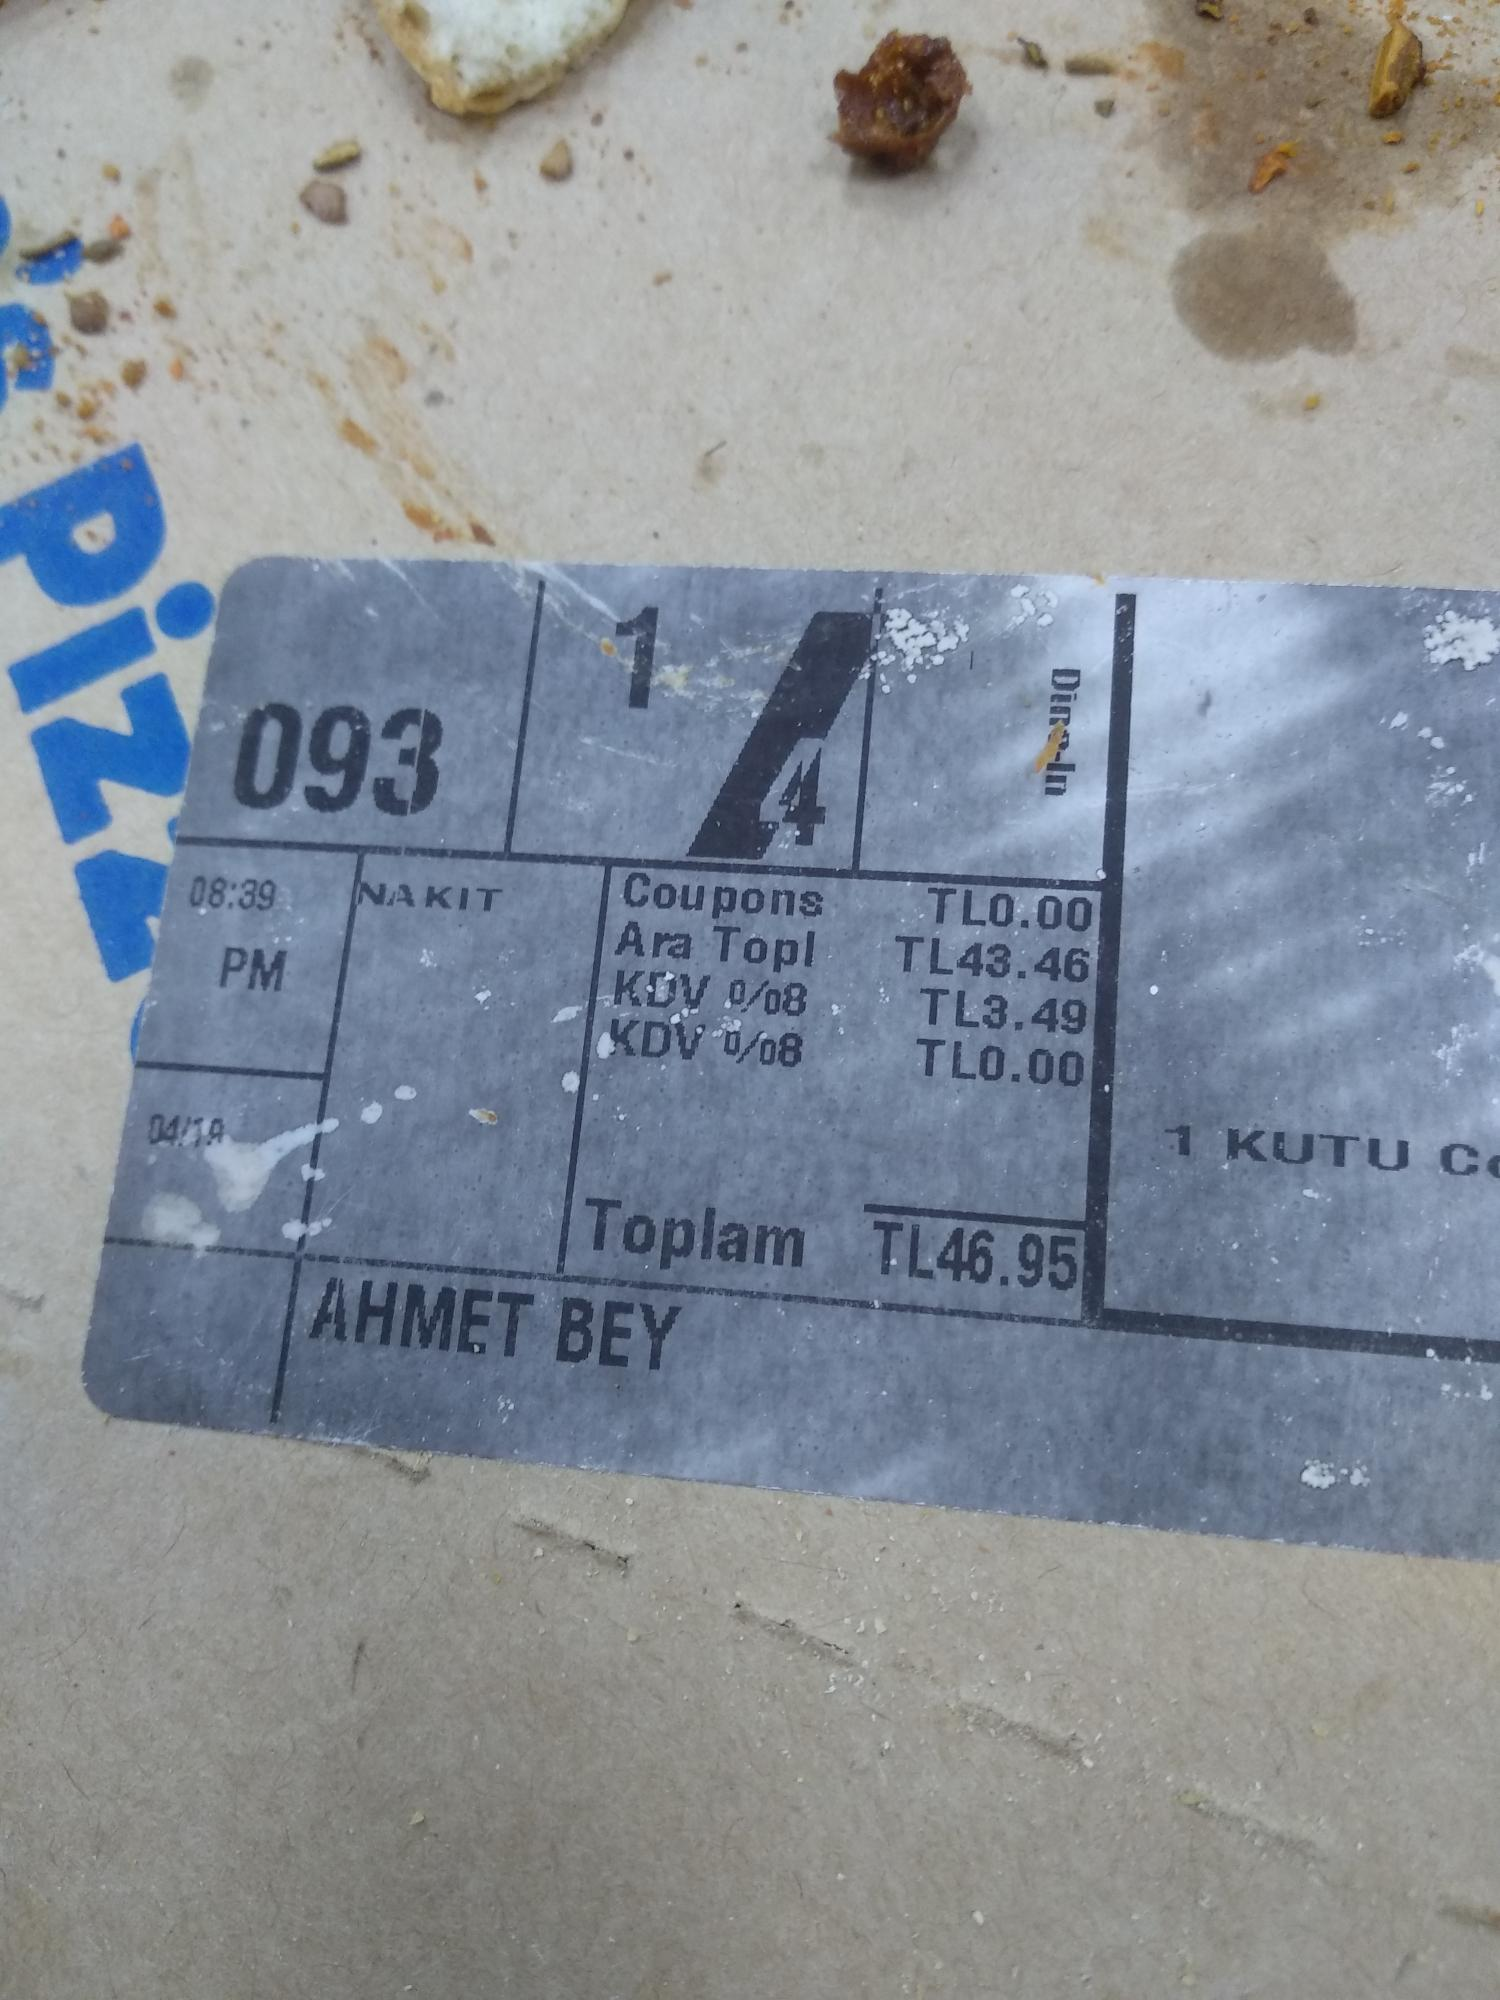 Dominos Pizza Konya şikayetleri şikayetvar